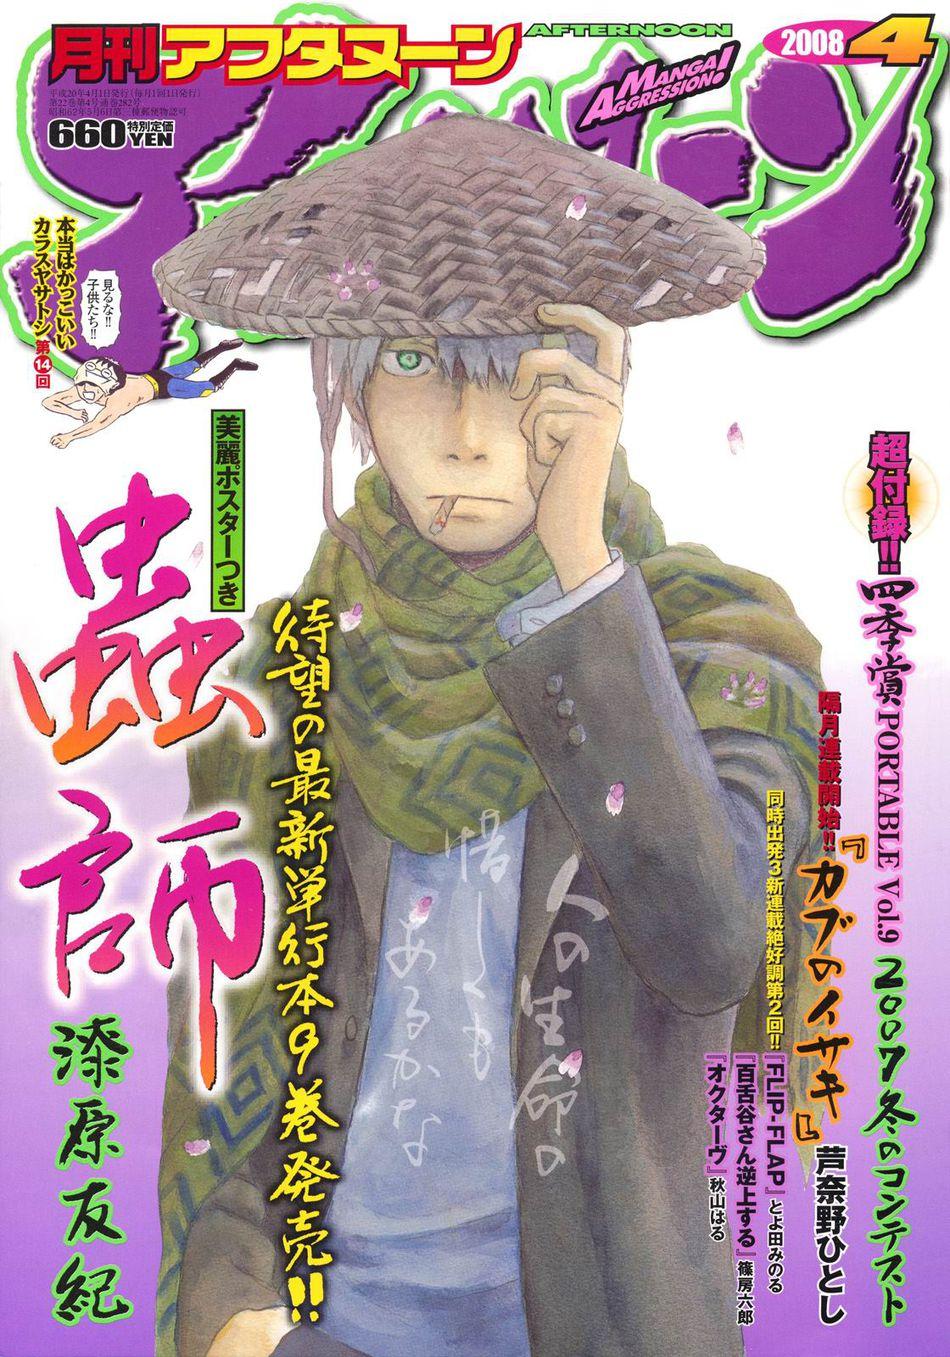 2008_04_Mushishi.jpg